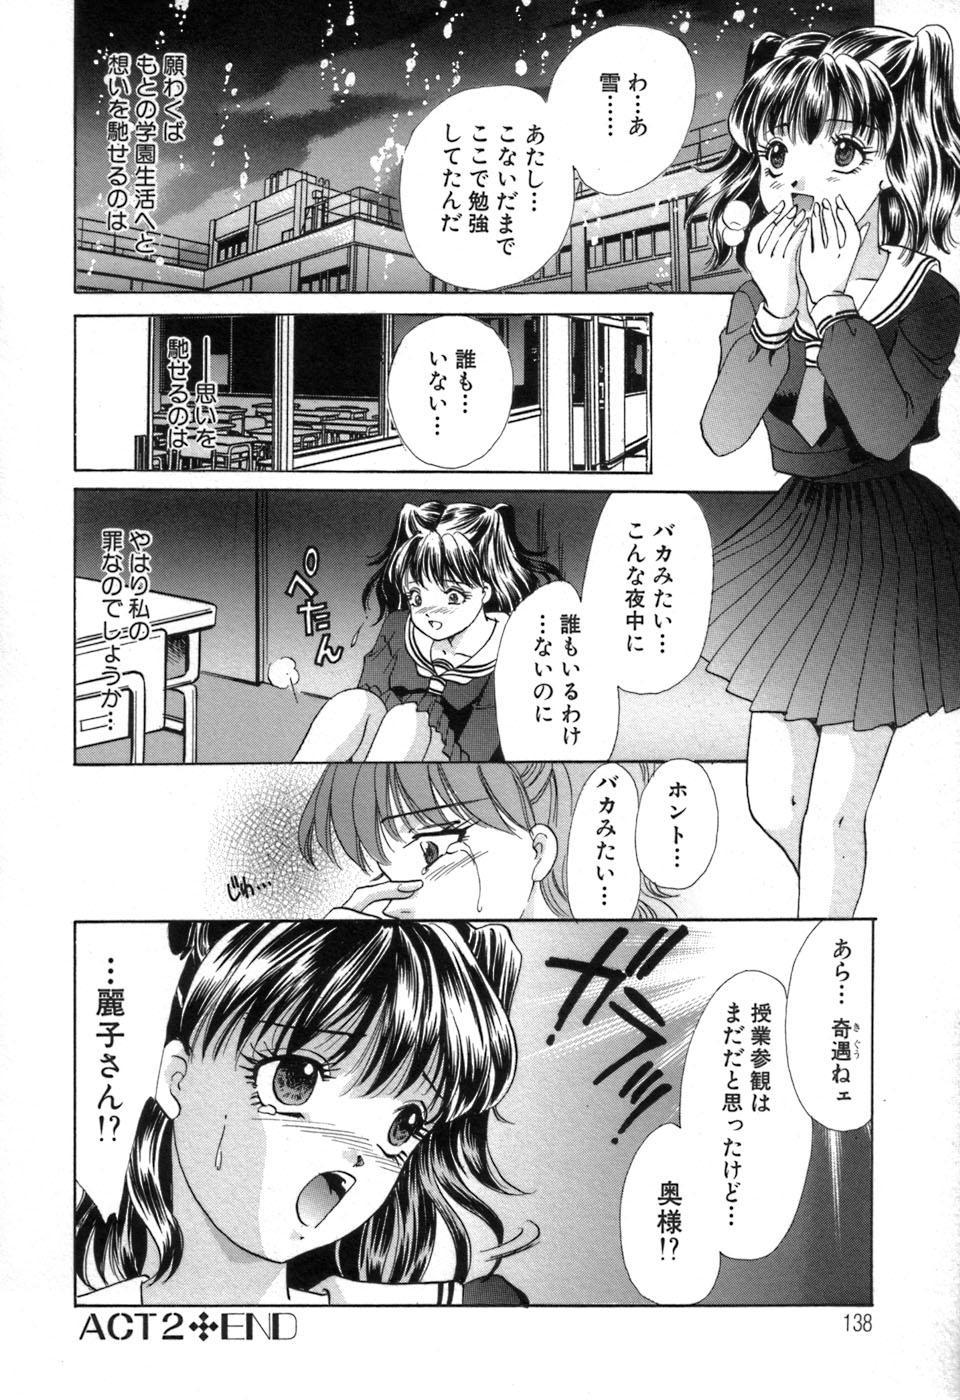 Ryoujoku Tenshi 138